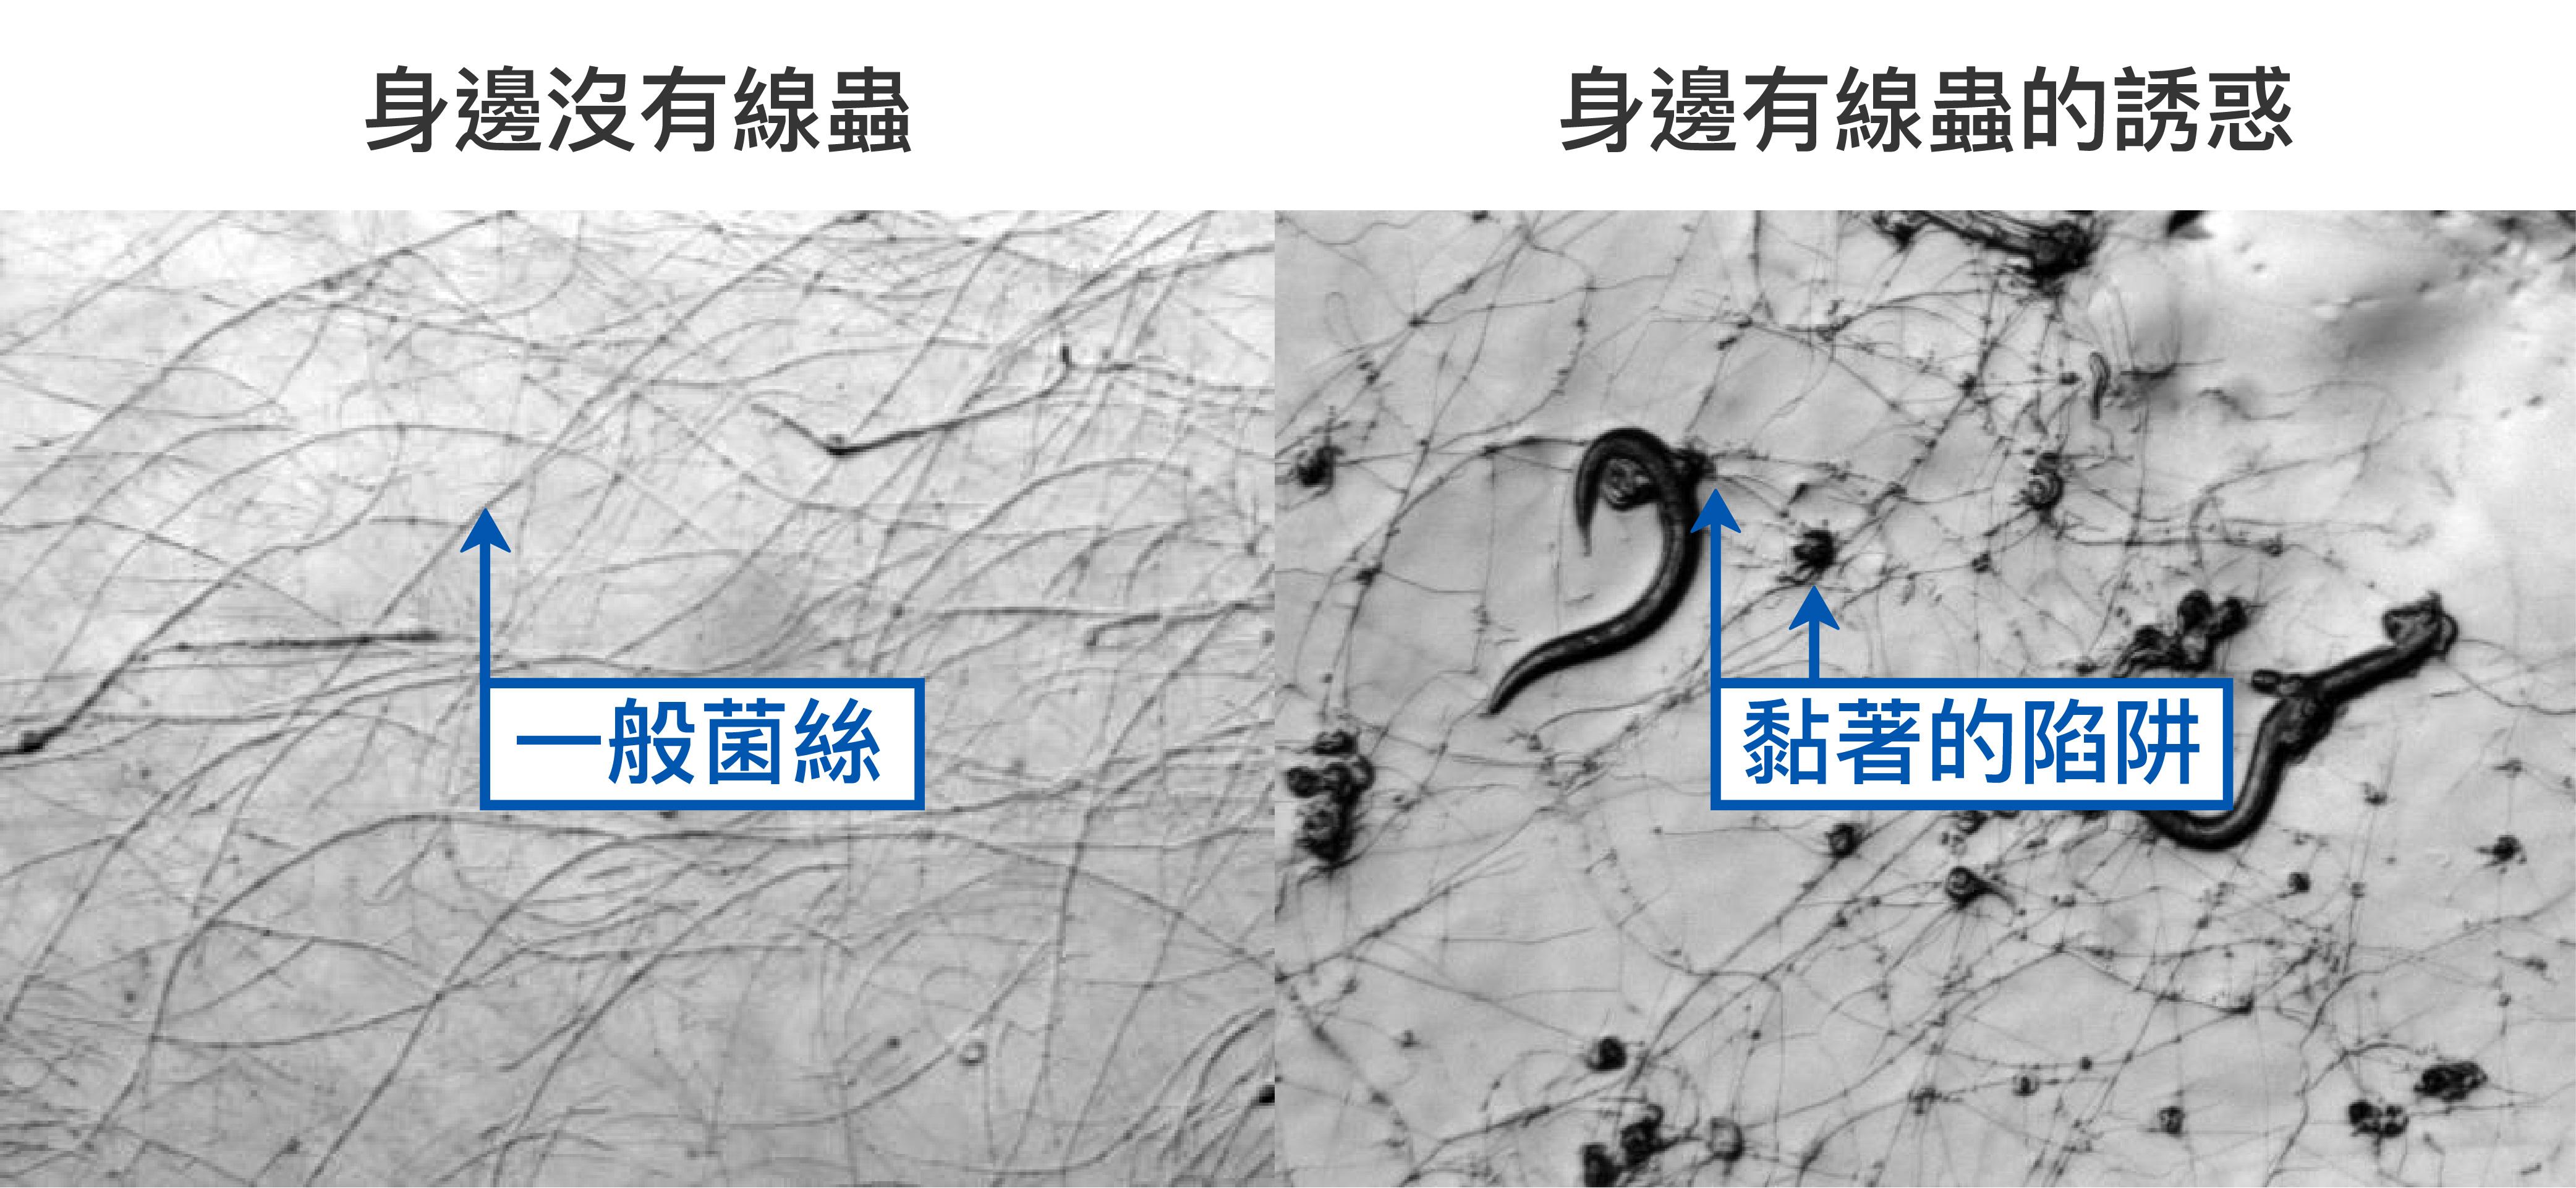 即使環境中氮養分不足,線蟲捕捉菌 A.oligospora 還是只有一般菌絲(左圖) 。但若偵測到身邊有線蟲,就會趕快長出黏著的陷阱(右圖)。 資料來源│Vidal-Diez de Ulzurrun G, Hsueh YP (2018) Predator-prey interactions of nematode-trapping fungi and nematodes: both sides of the coin. Appl Microbiol Biotechnol, 102: 3939. 圖說重製│林婷嫻、張語辰